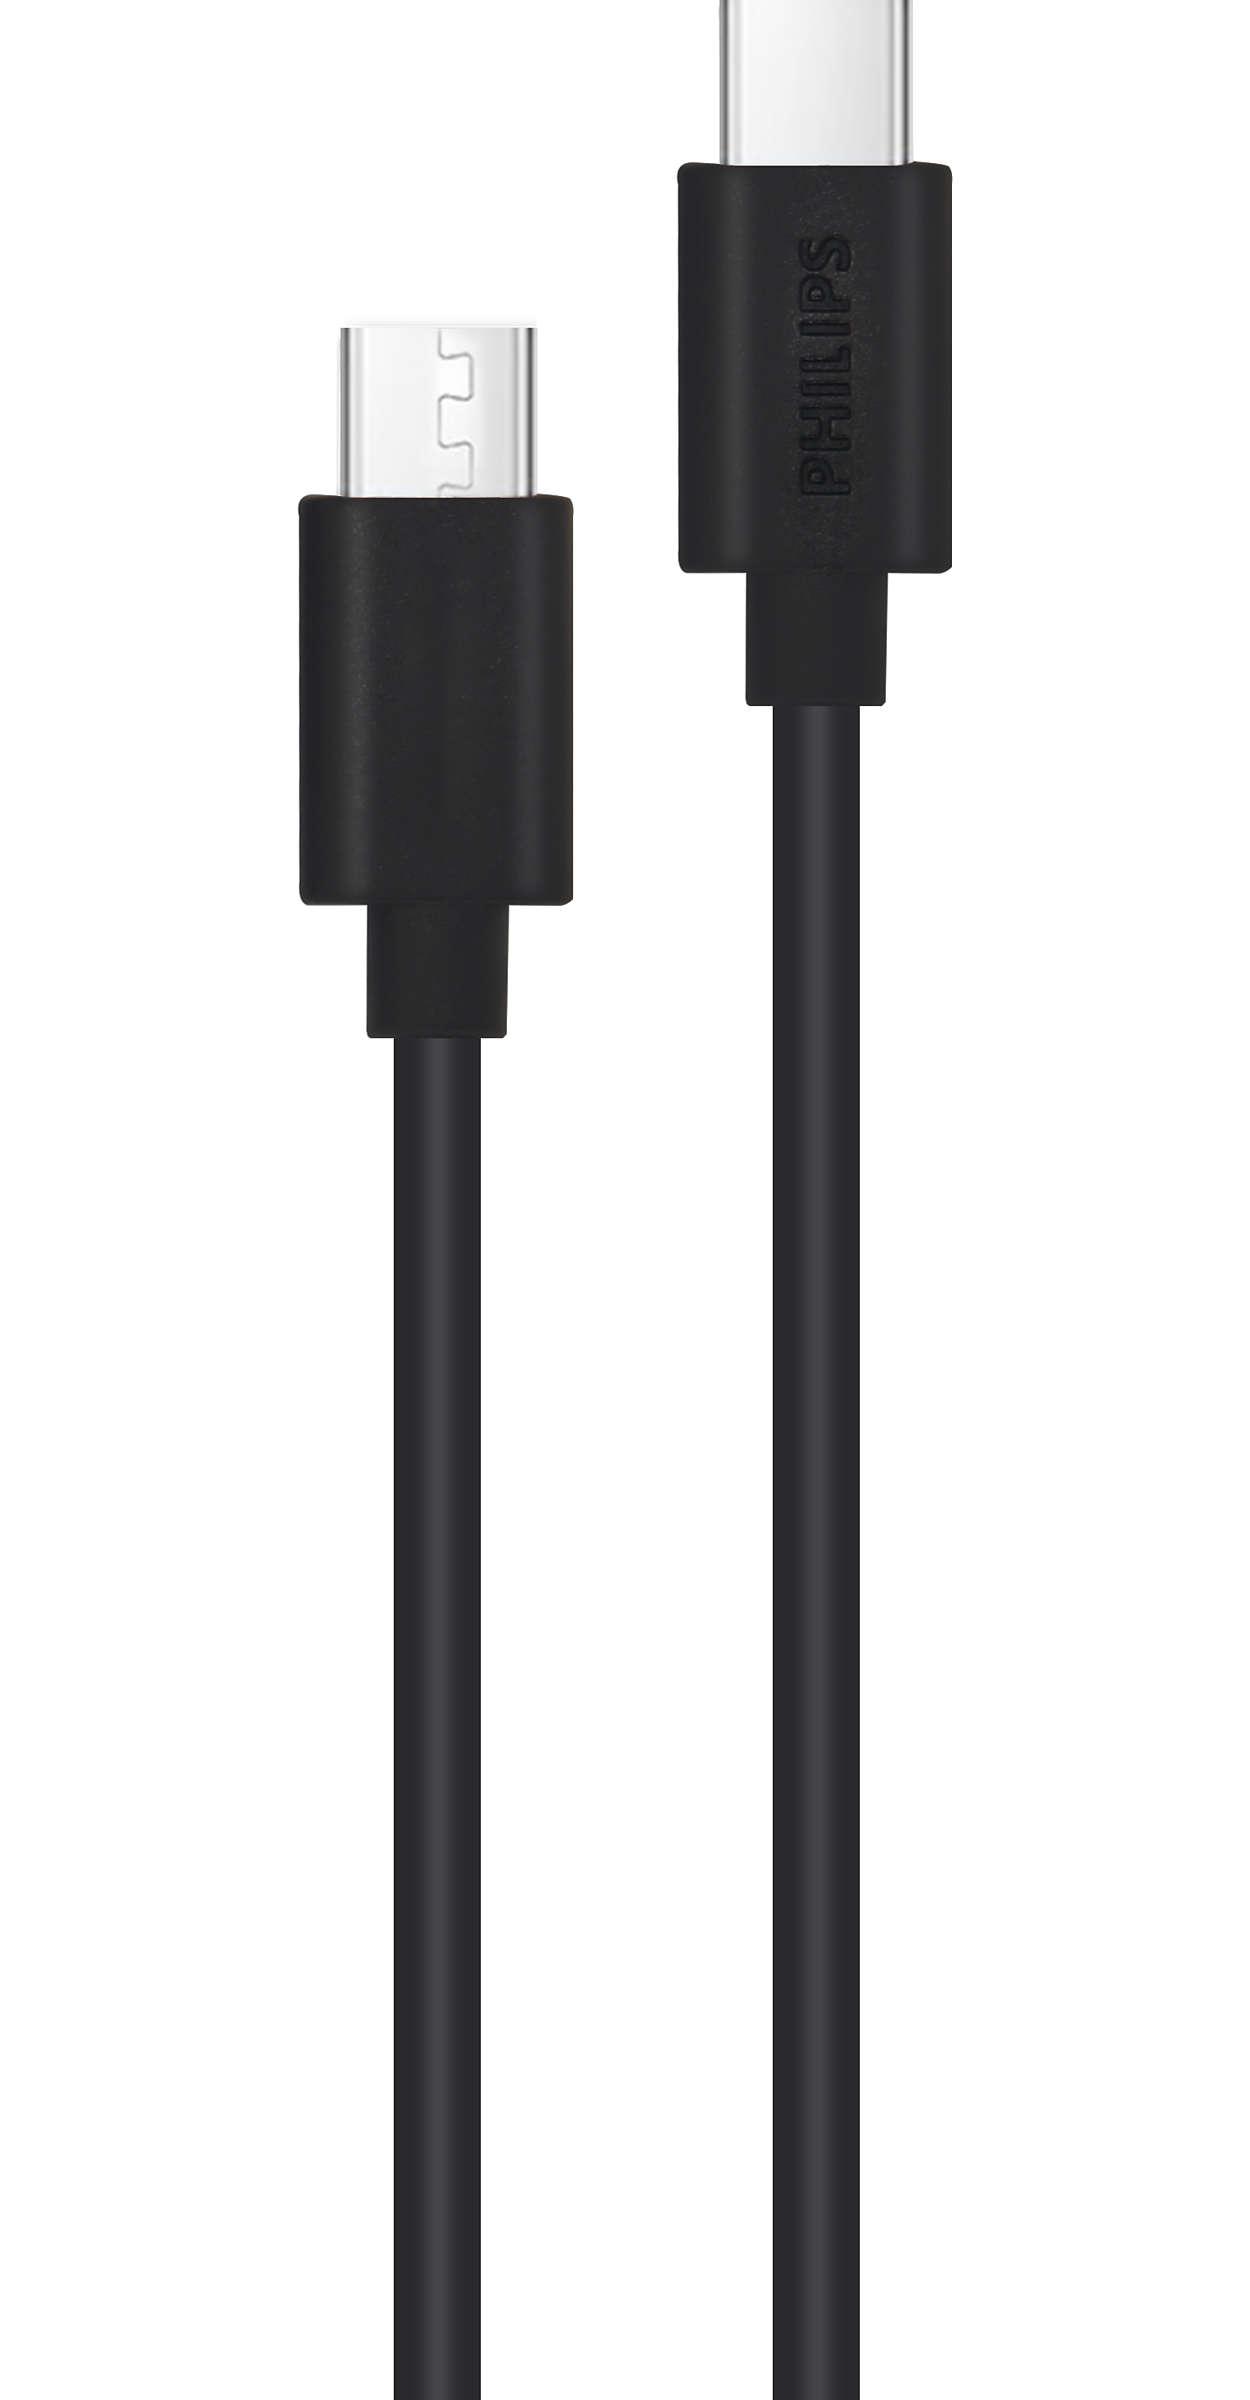 Καλώδιο USB-C 1,2 m σε USB-C